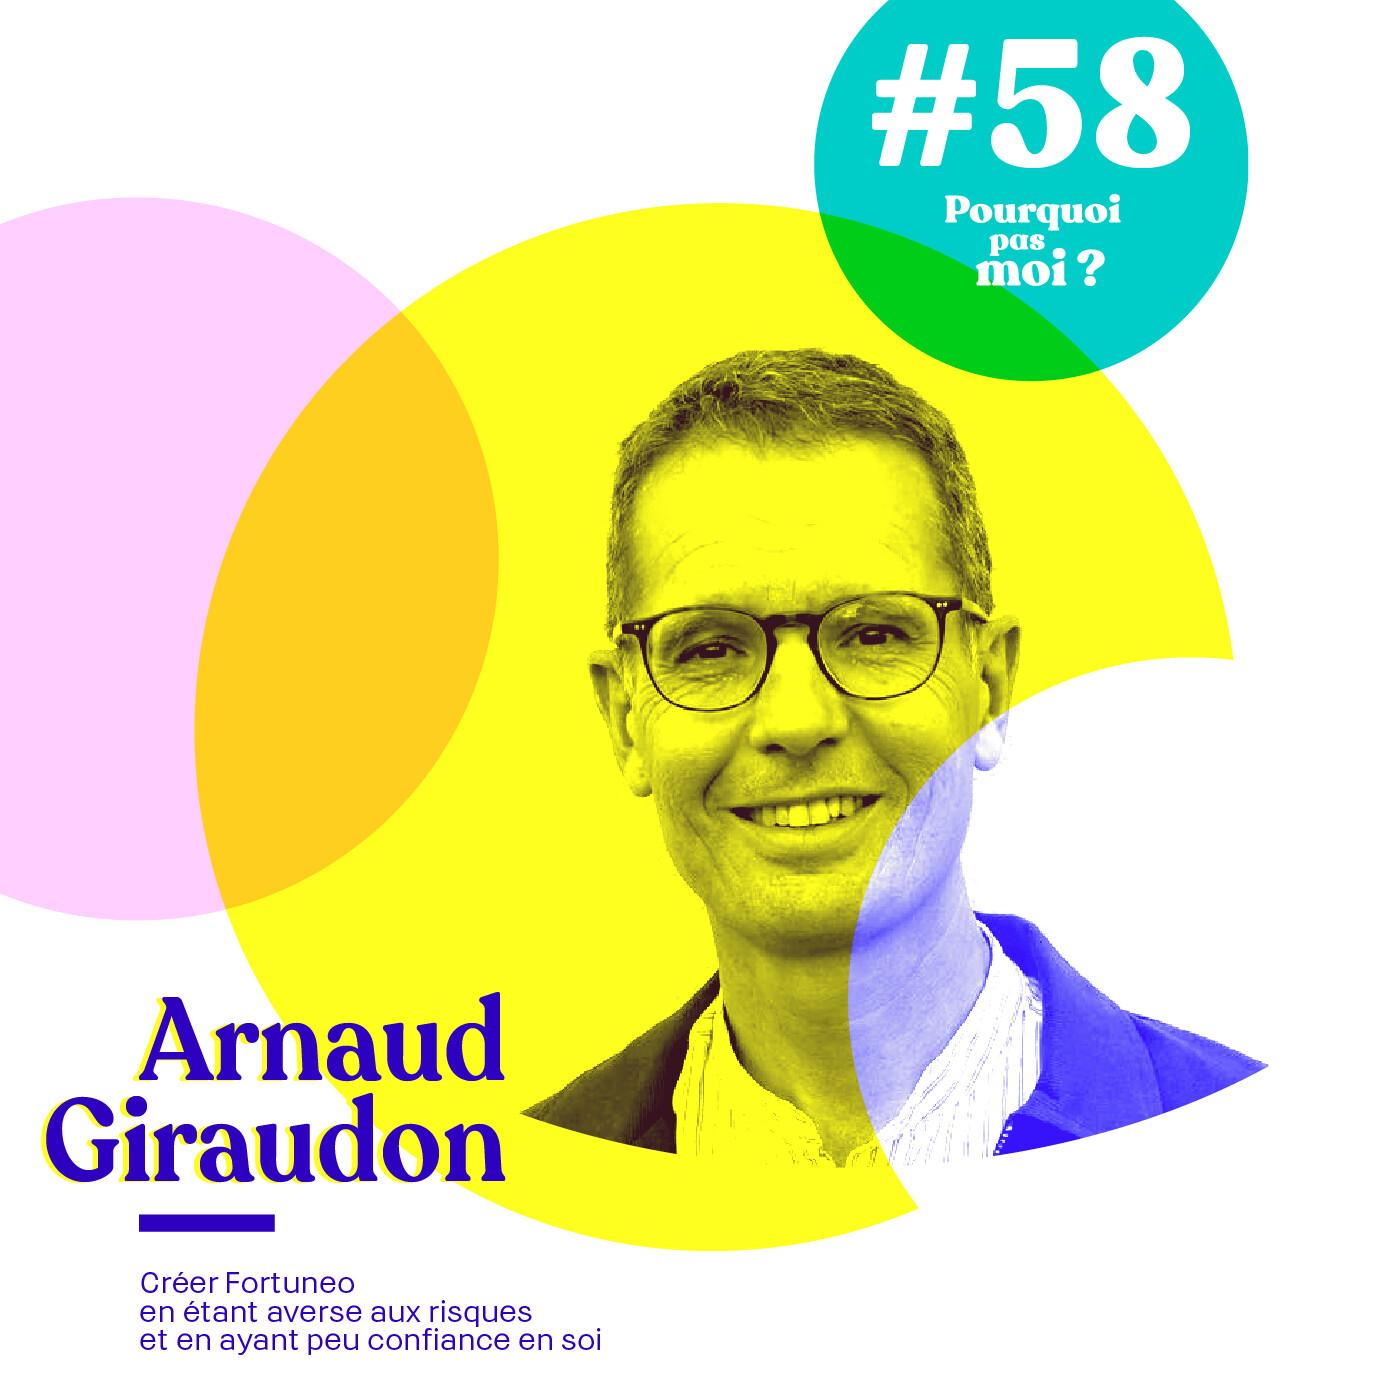 58 Arnaud Giraudon : Créer Fortuneo en étant averse aux risques et en ayant peu confiance en soi